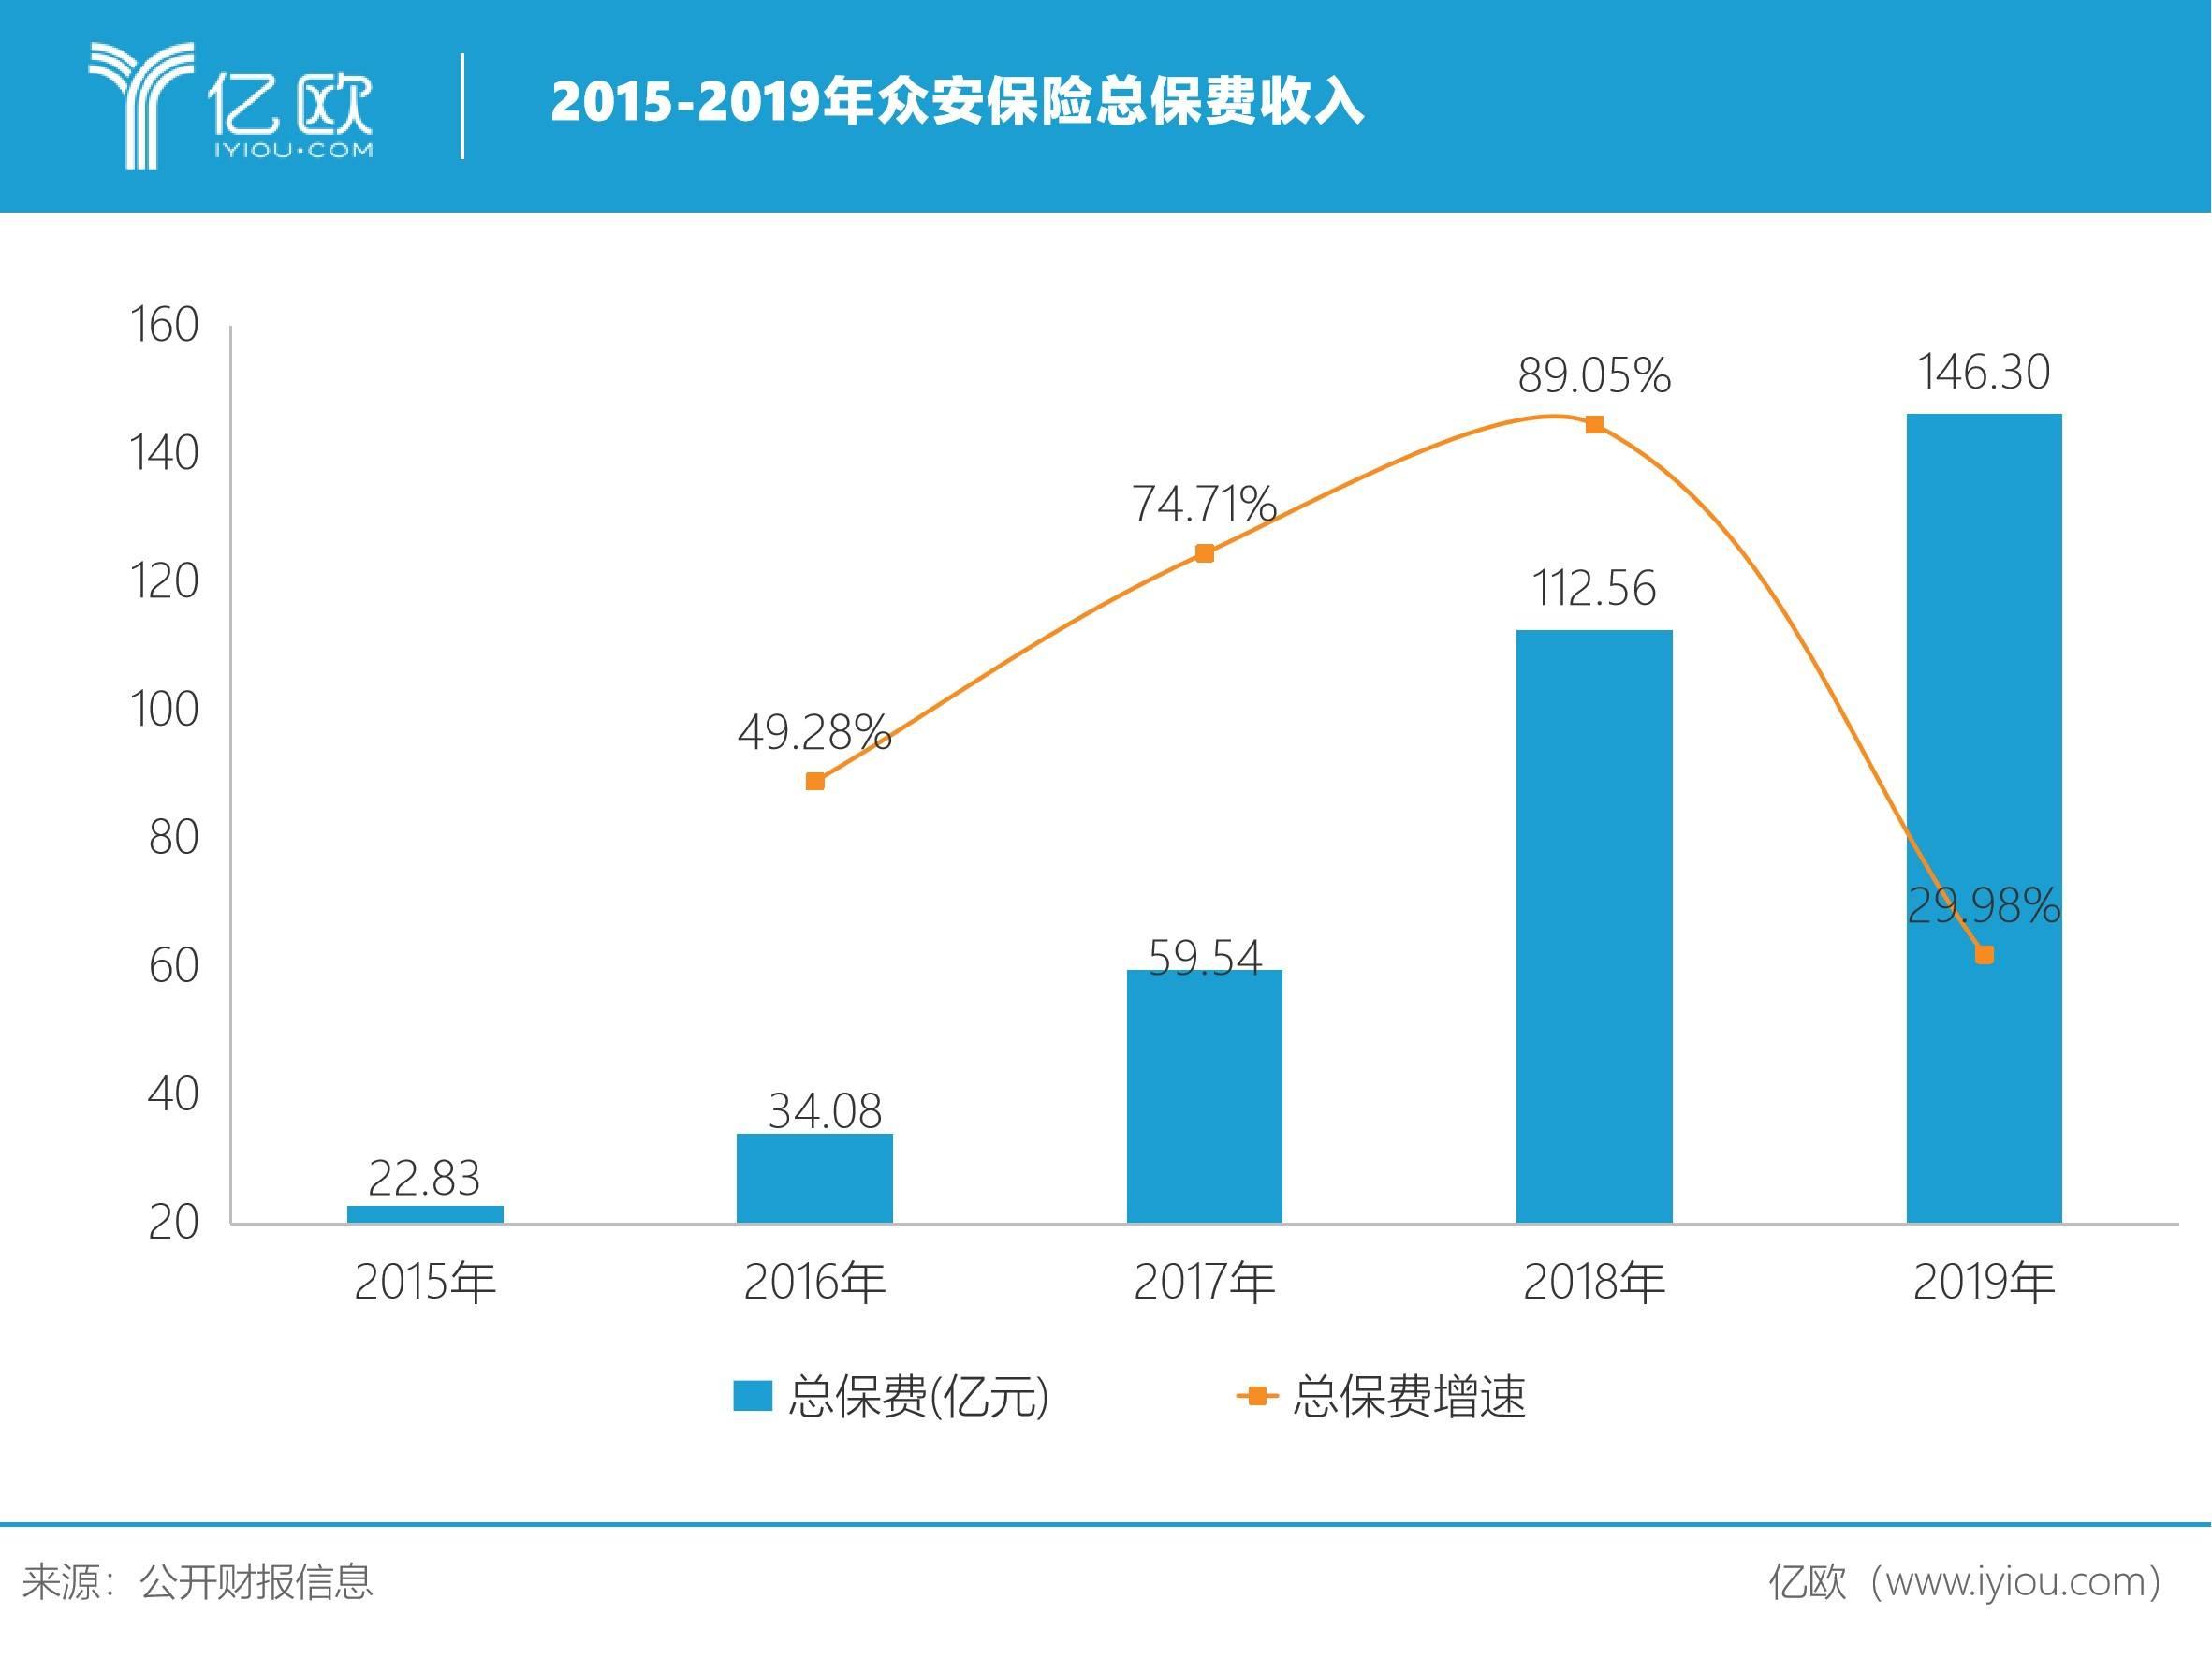 2015-2019年众安保险总保费收入